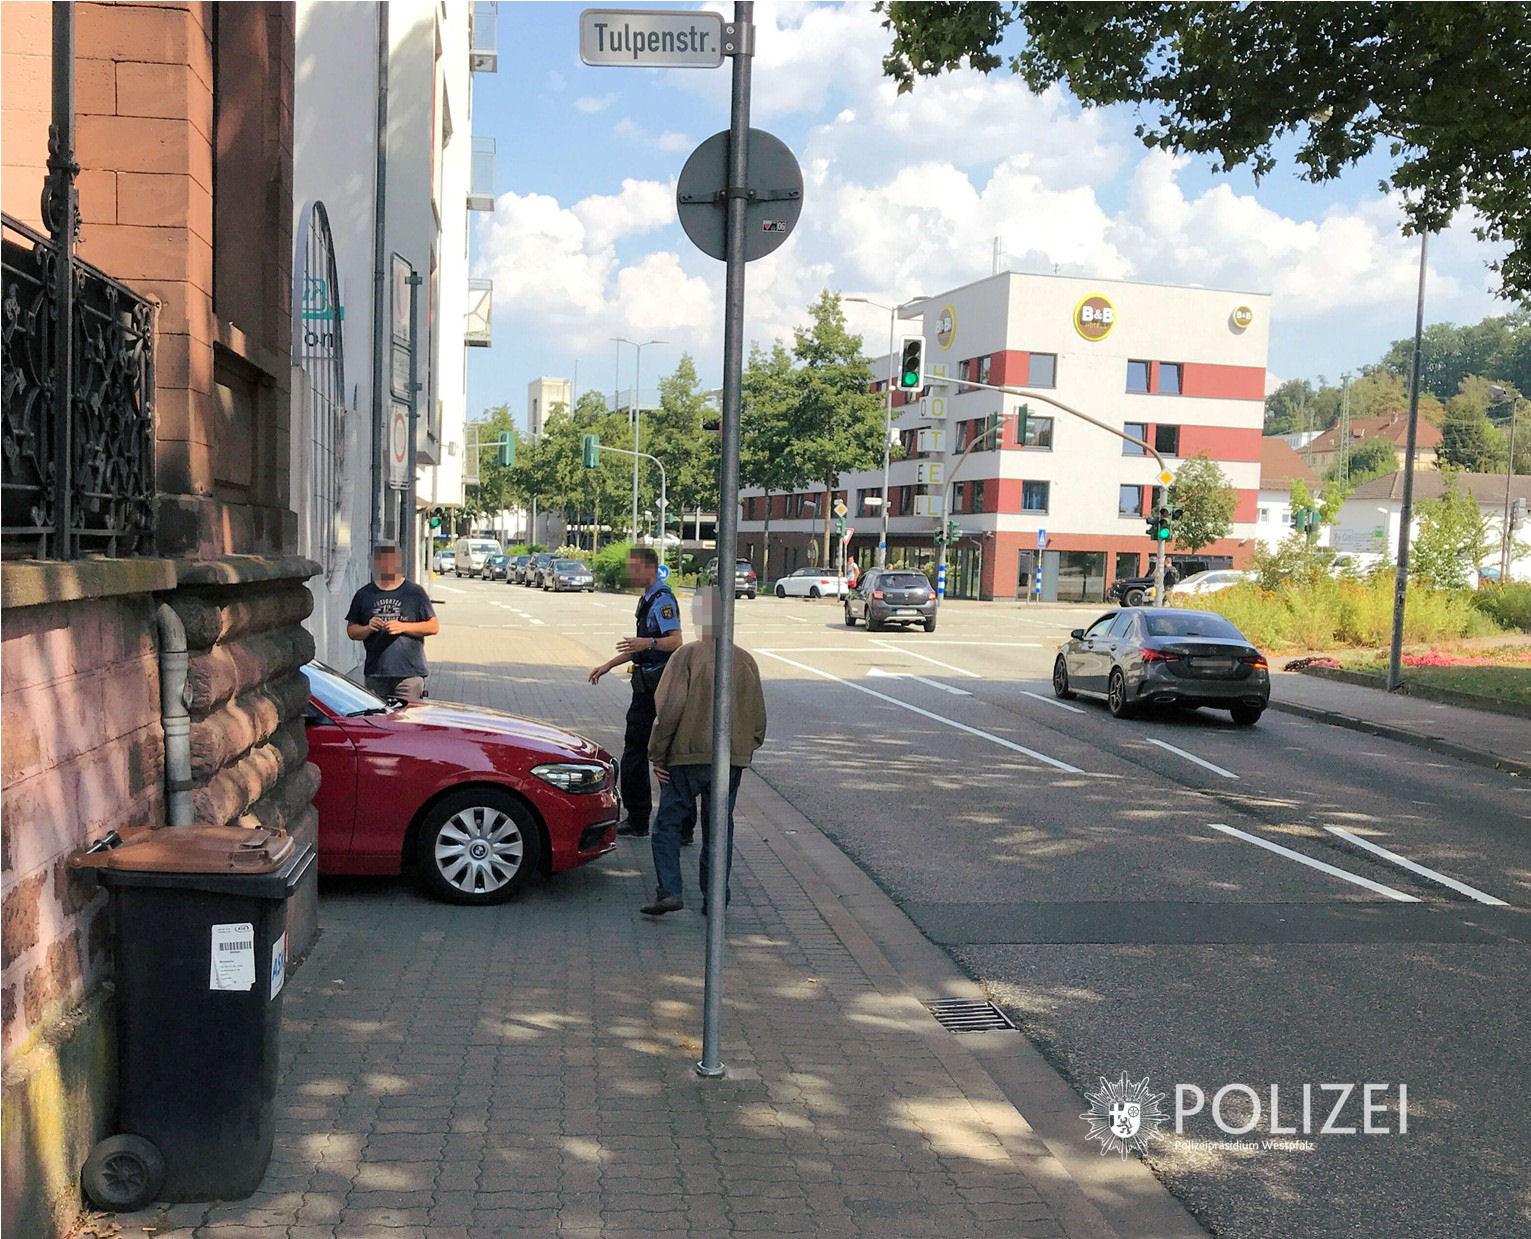 Radfahrer auf Gehweg von Auto erfasst